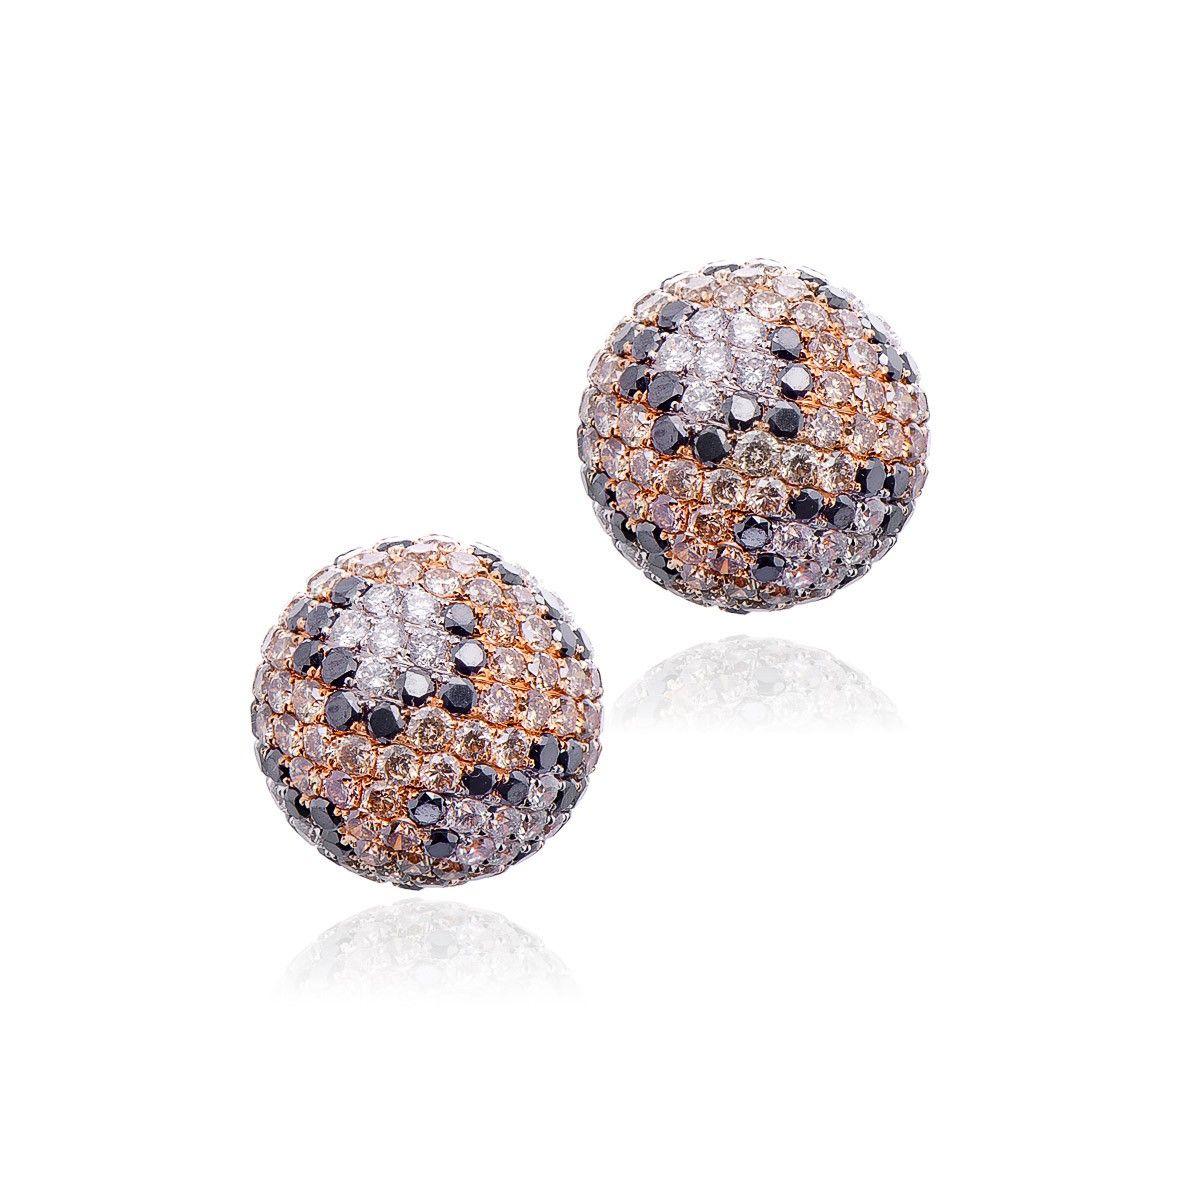 18kt Rose Gold Brown Diamond Earrings. $5,950.